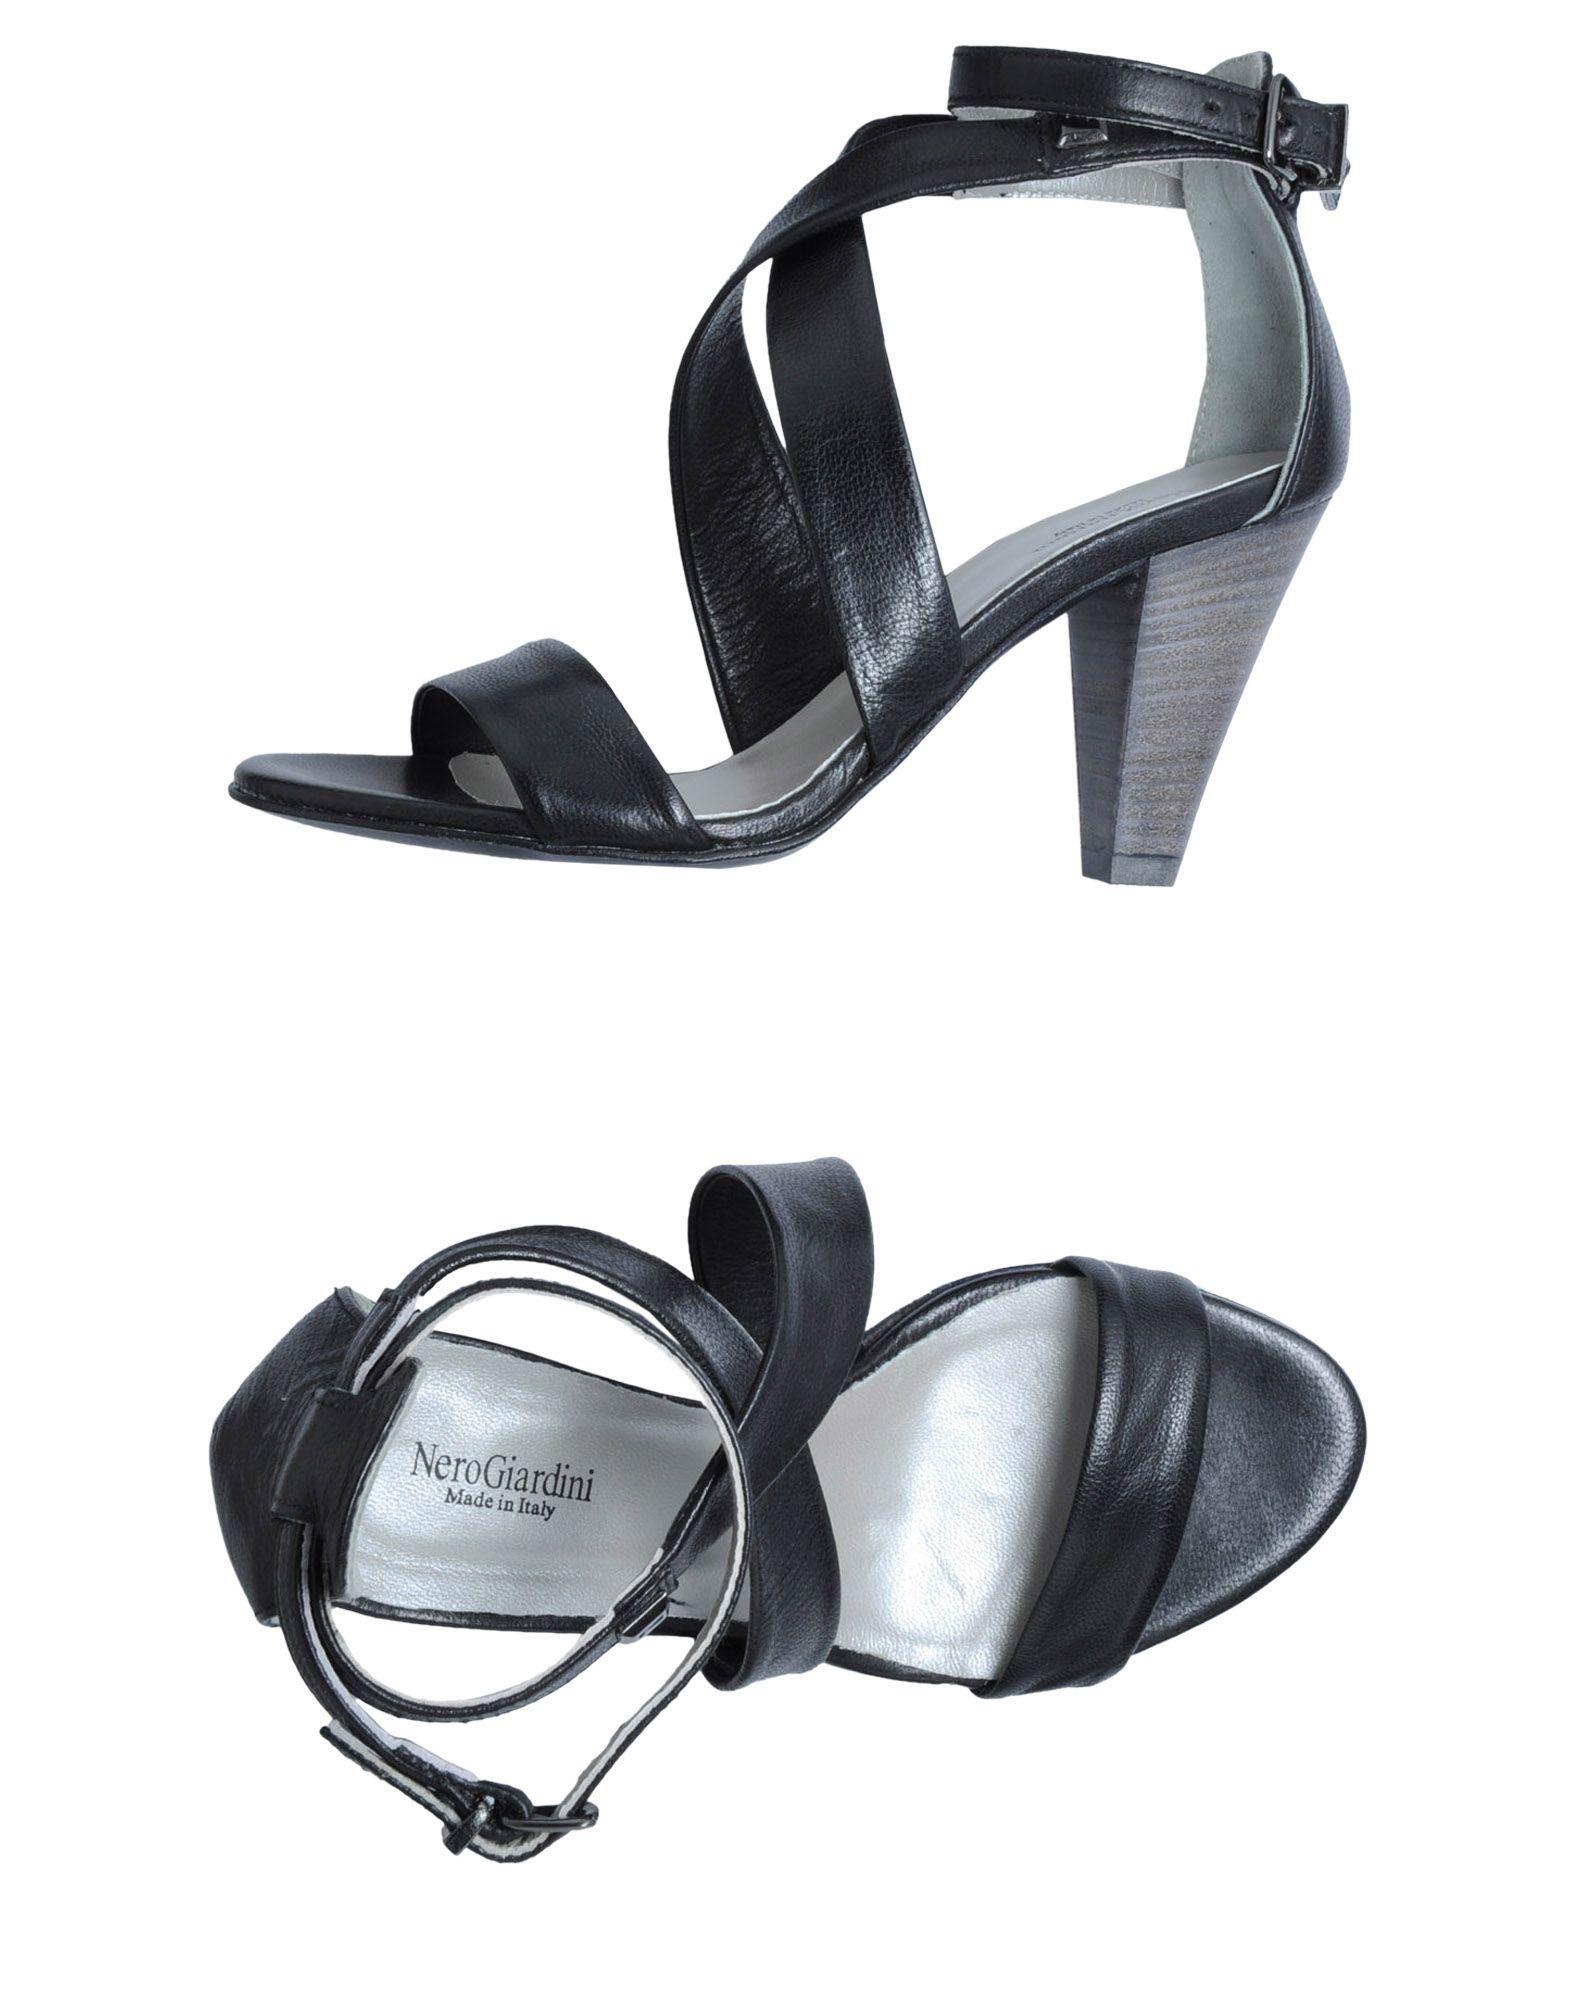 Nero Giardini Sandalen Gutes Damen Gutes Sandalen Preis-Leistungs-Verhältnis, es lohnt sich 1d688e